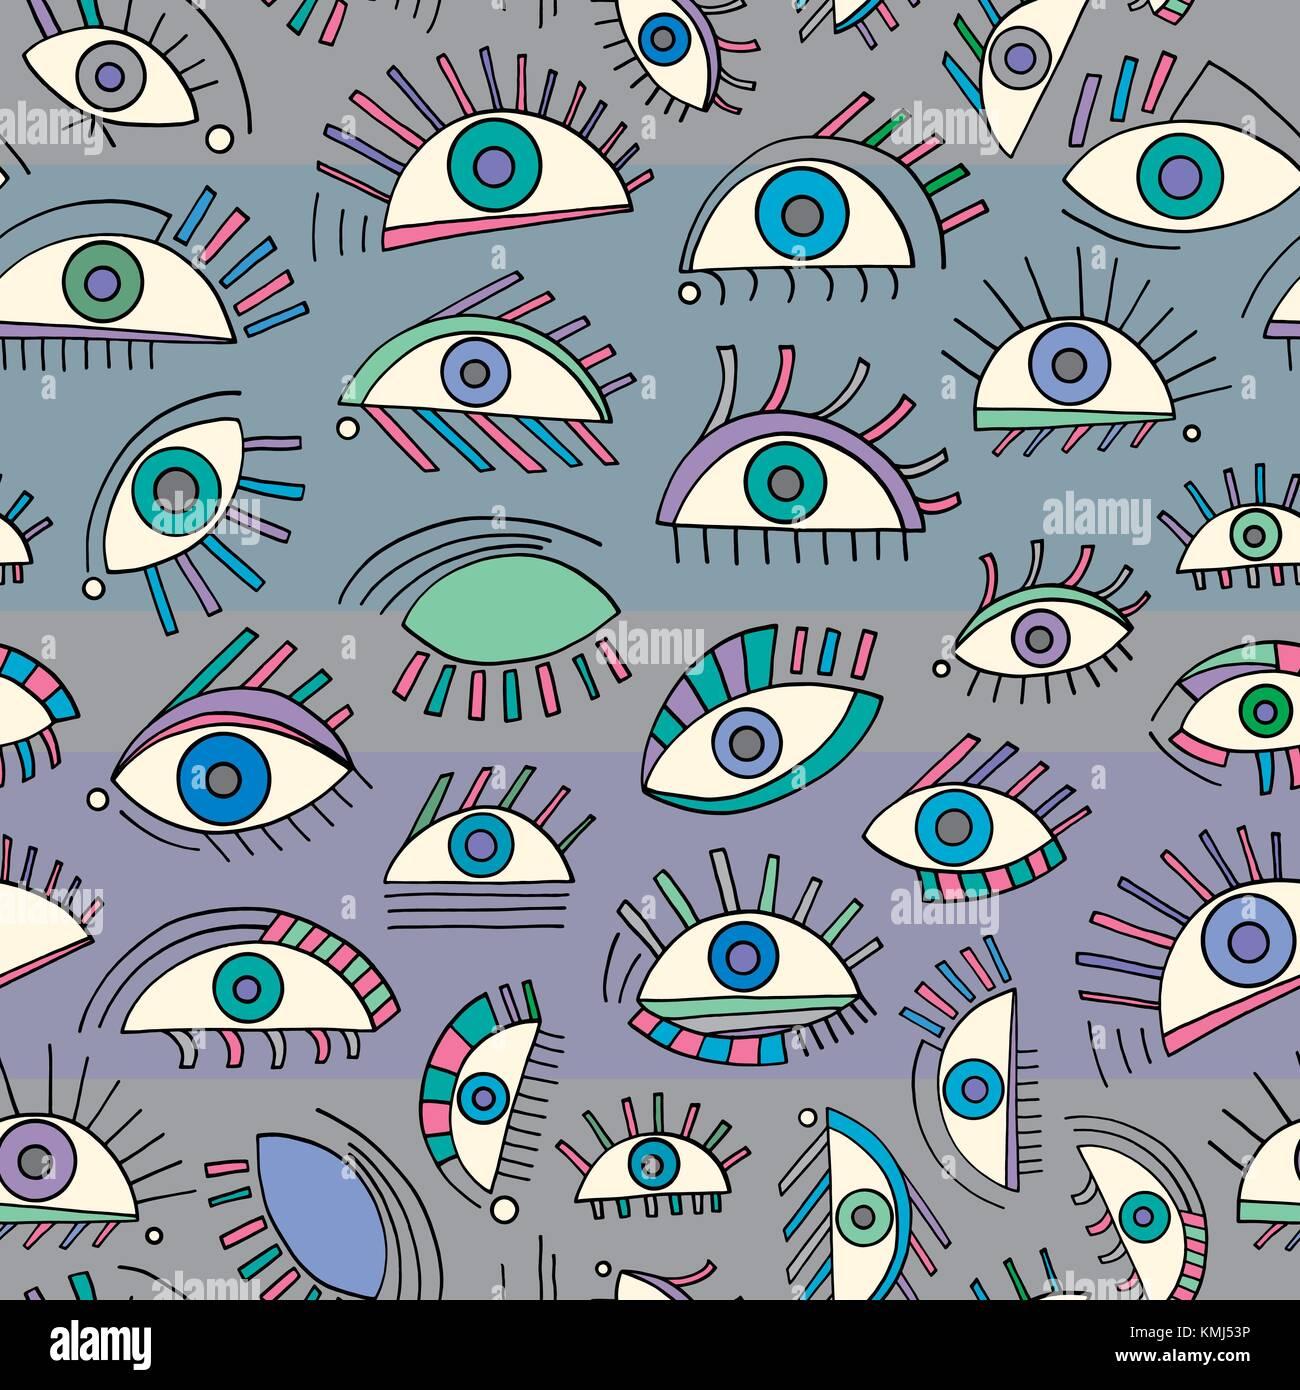 Disegnato a mano occhi astratta. pattern colorati senza cuciture a vista sullo sfondo del vettore. moderno ed elegante Immagini Stock